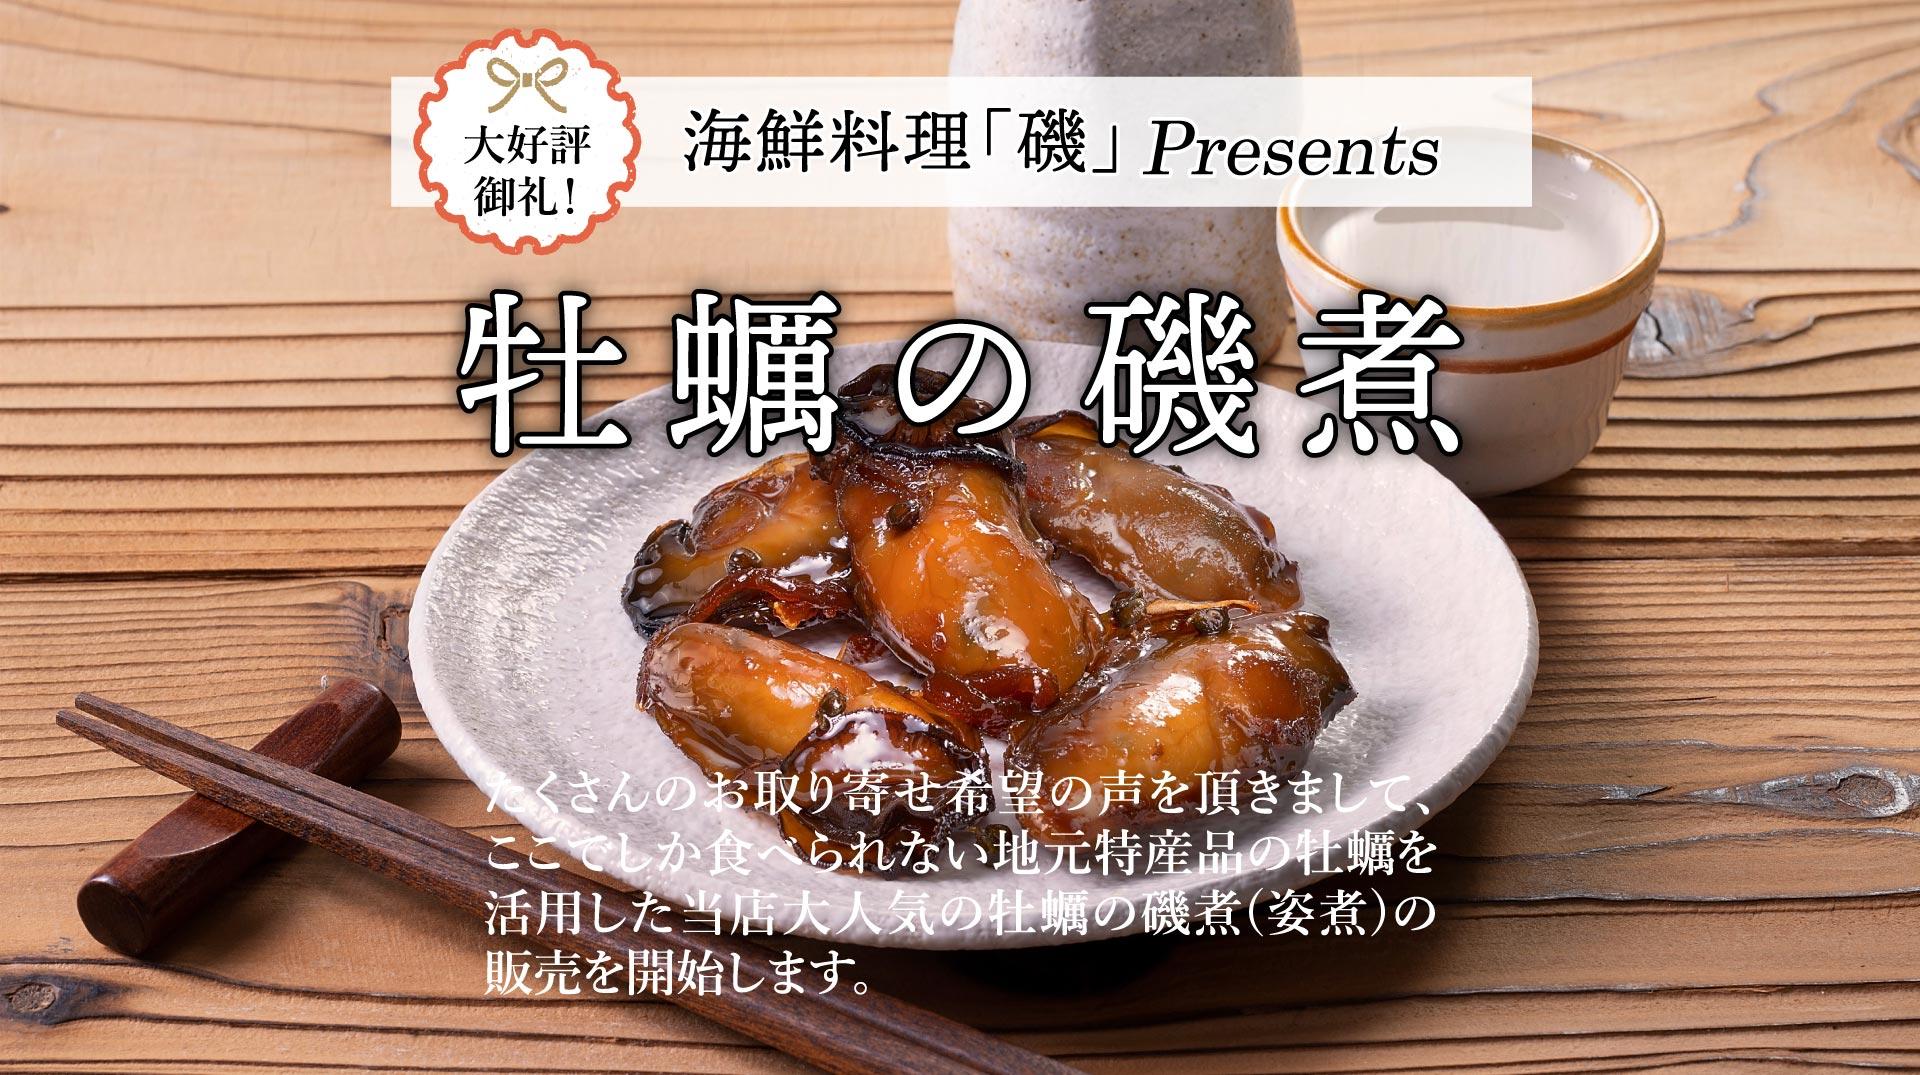 冷凍牡蠣販売・牡蠣の磯煮販売ページ9